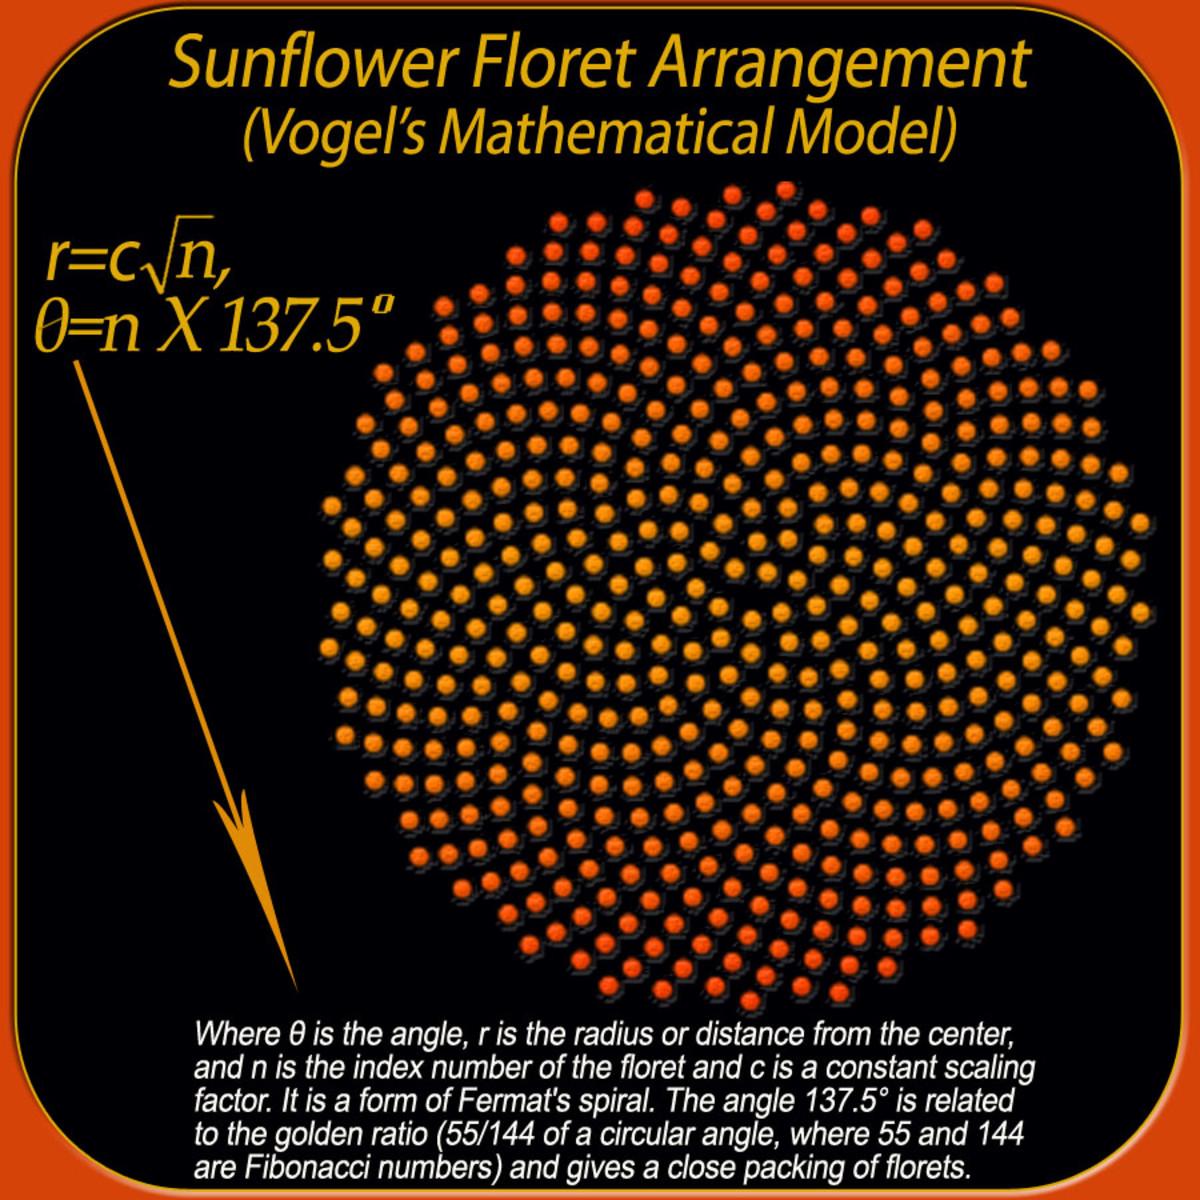 Sunflower floret mathematical arrangement.